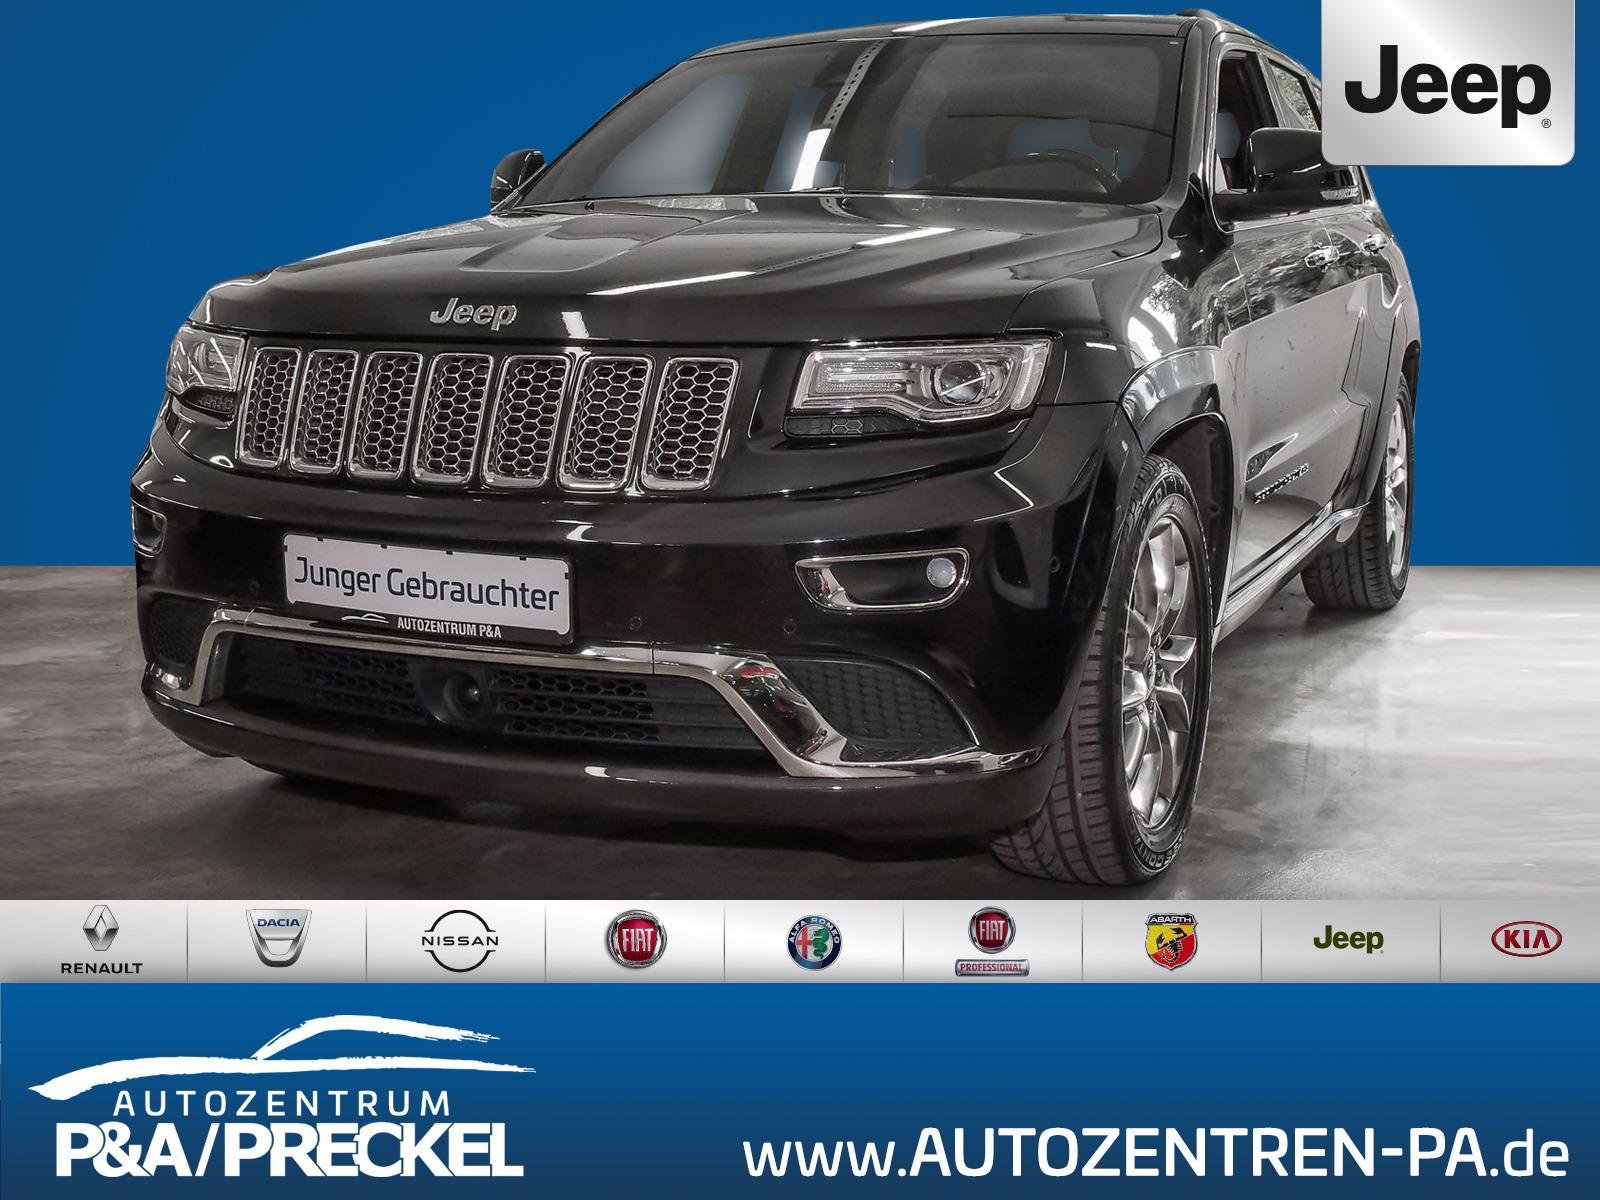 Jeep Grand Cherokee Summit 3.0I /Navi/Pano/Kamera/SHZ, Jahr 2017, Diesel